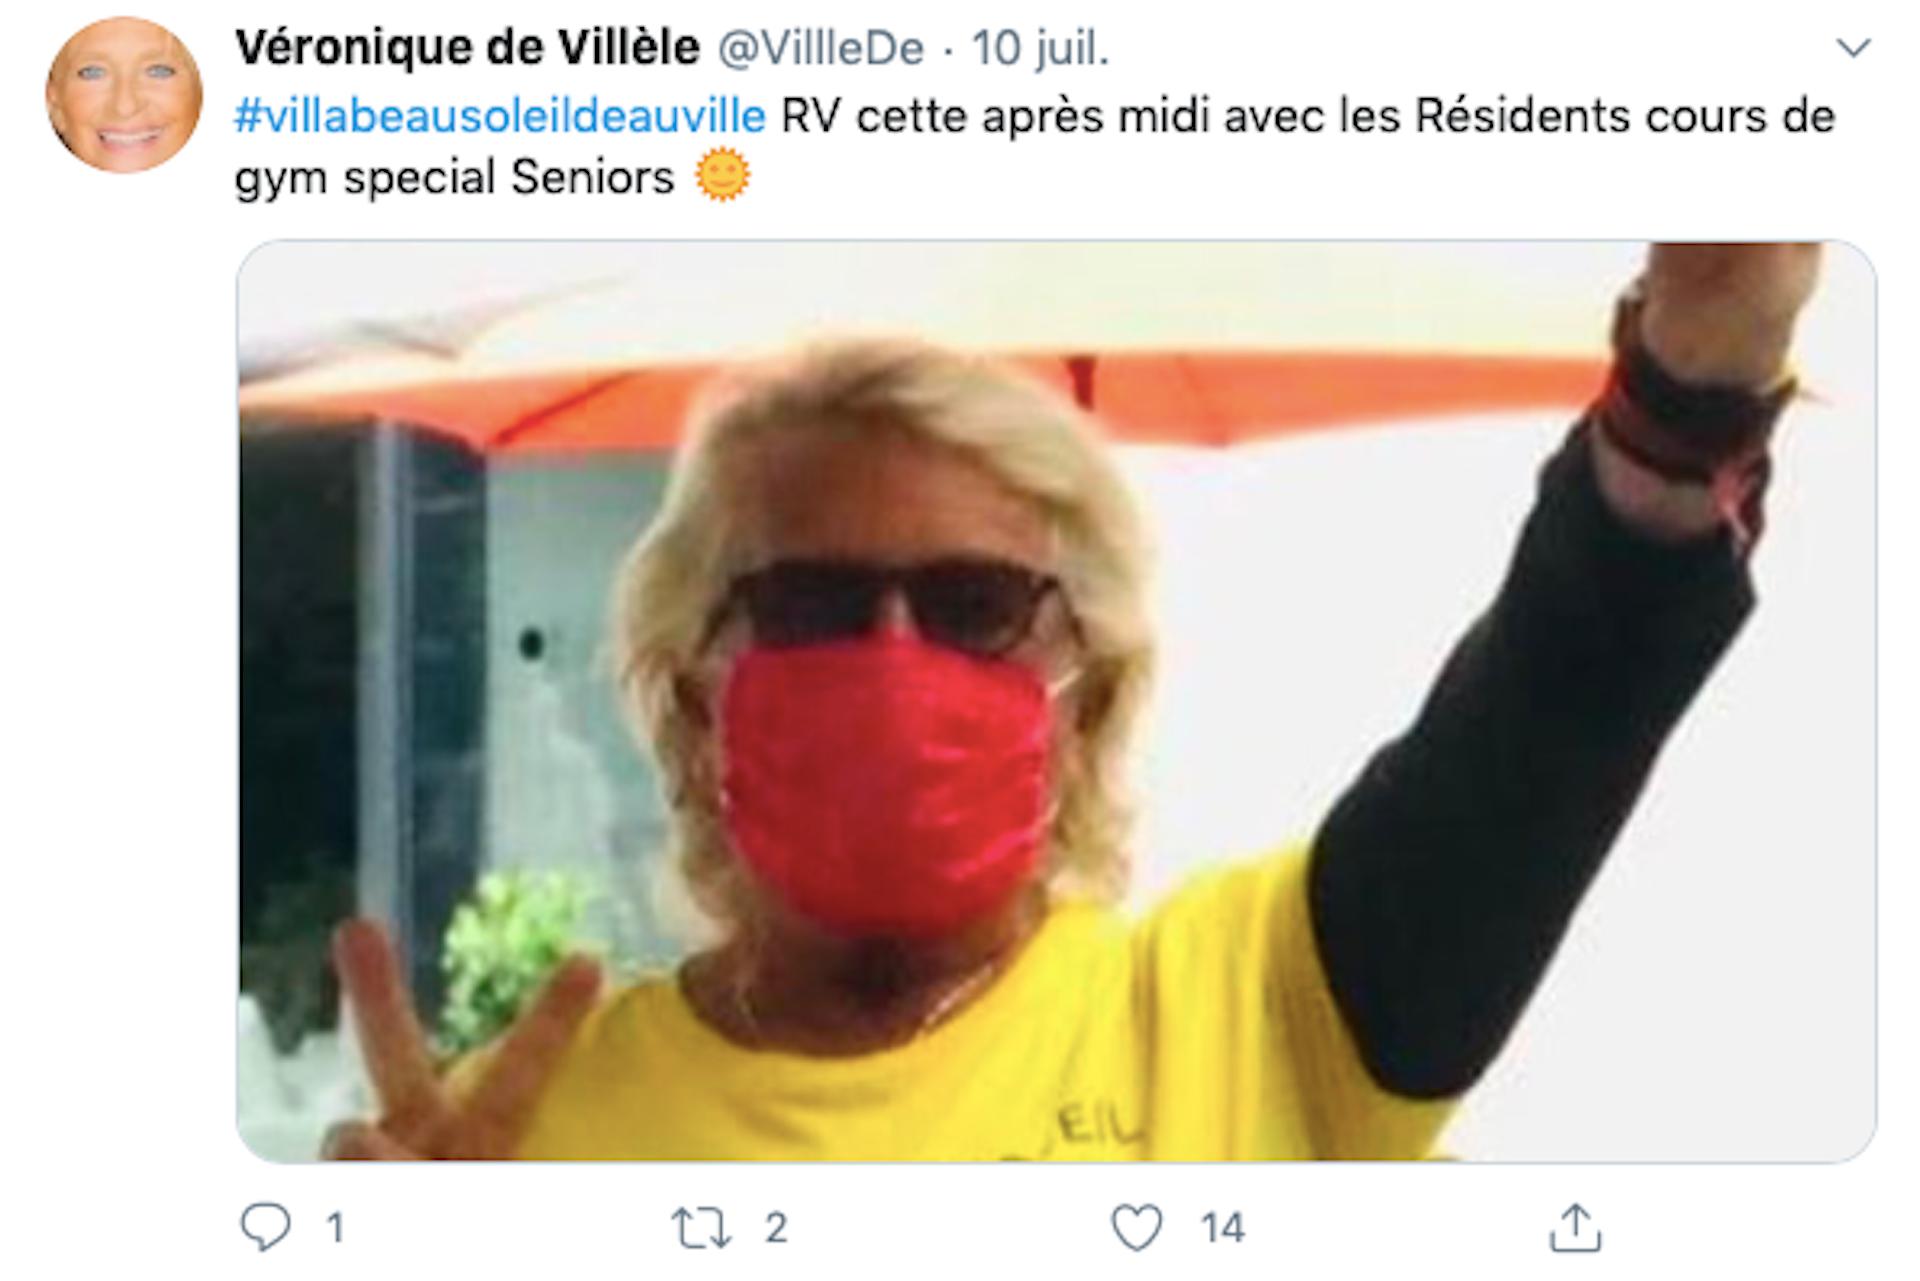 Capture d'écran du compte Twitter de Véronique de Villèle. @VillleDe